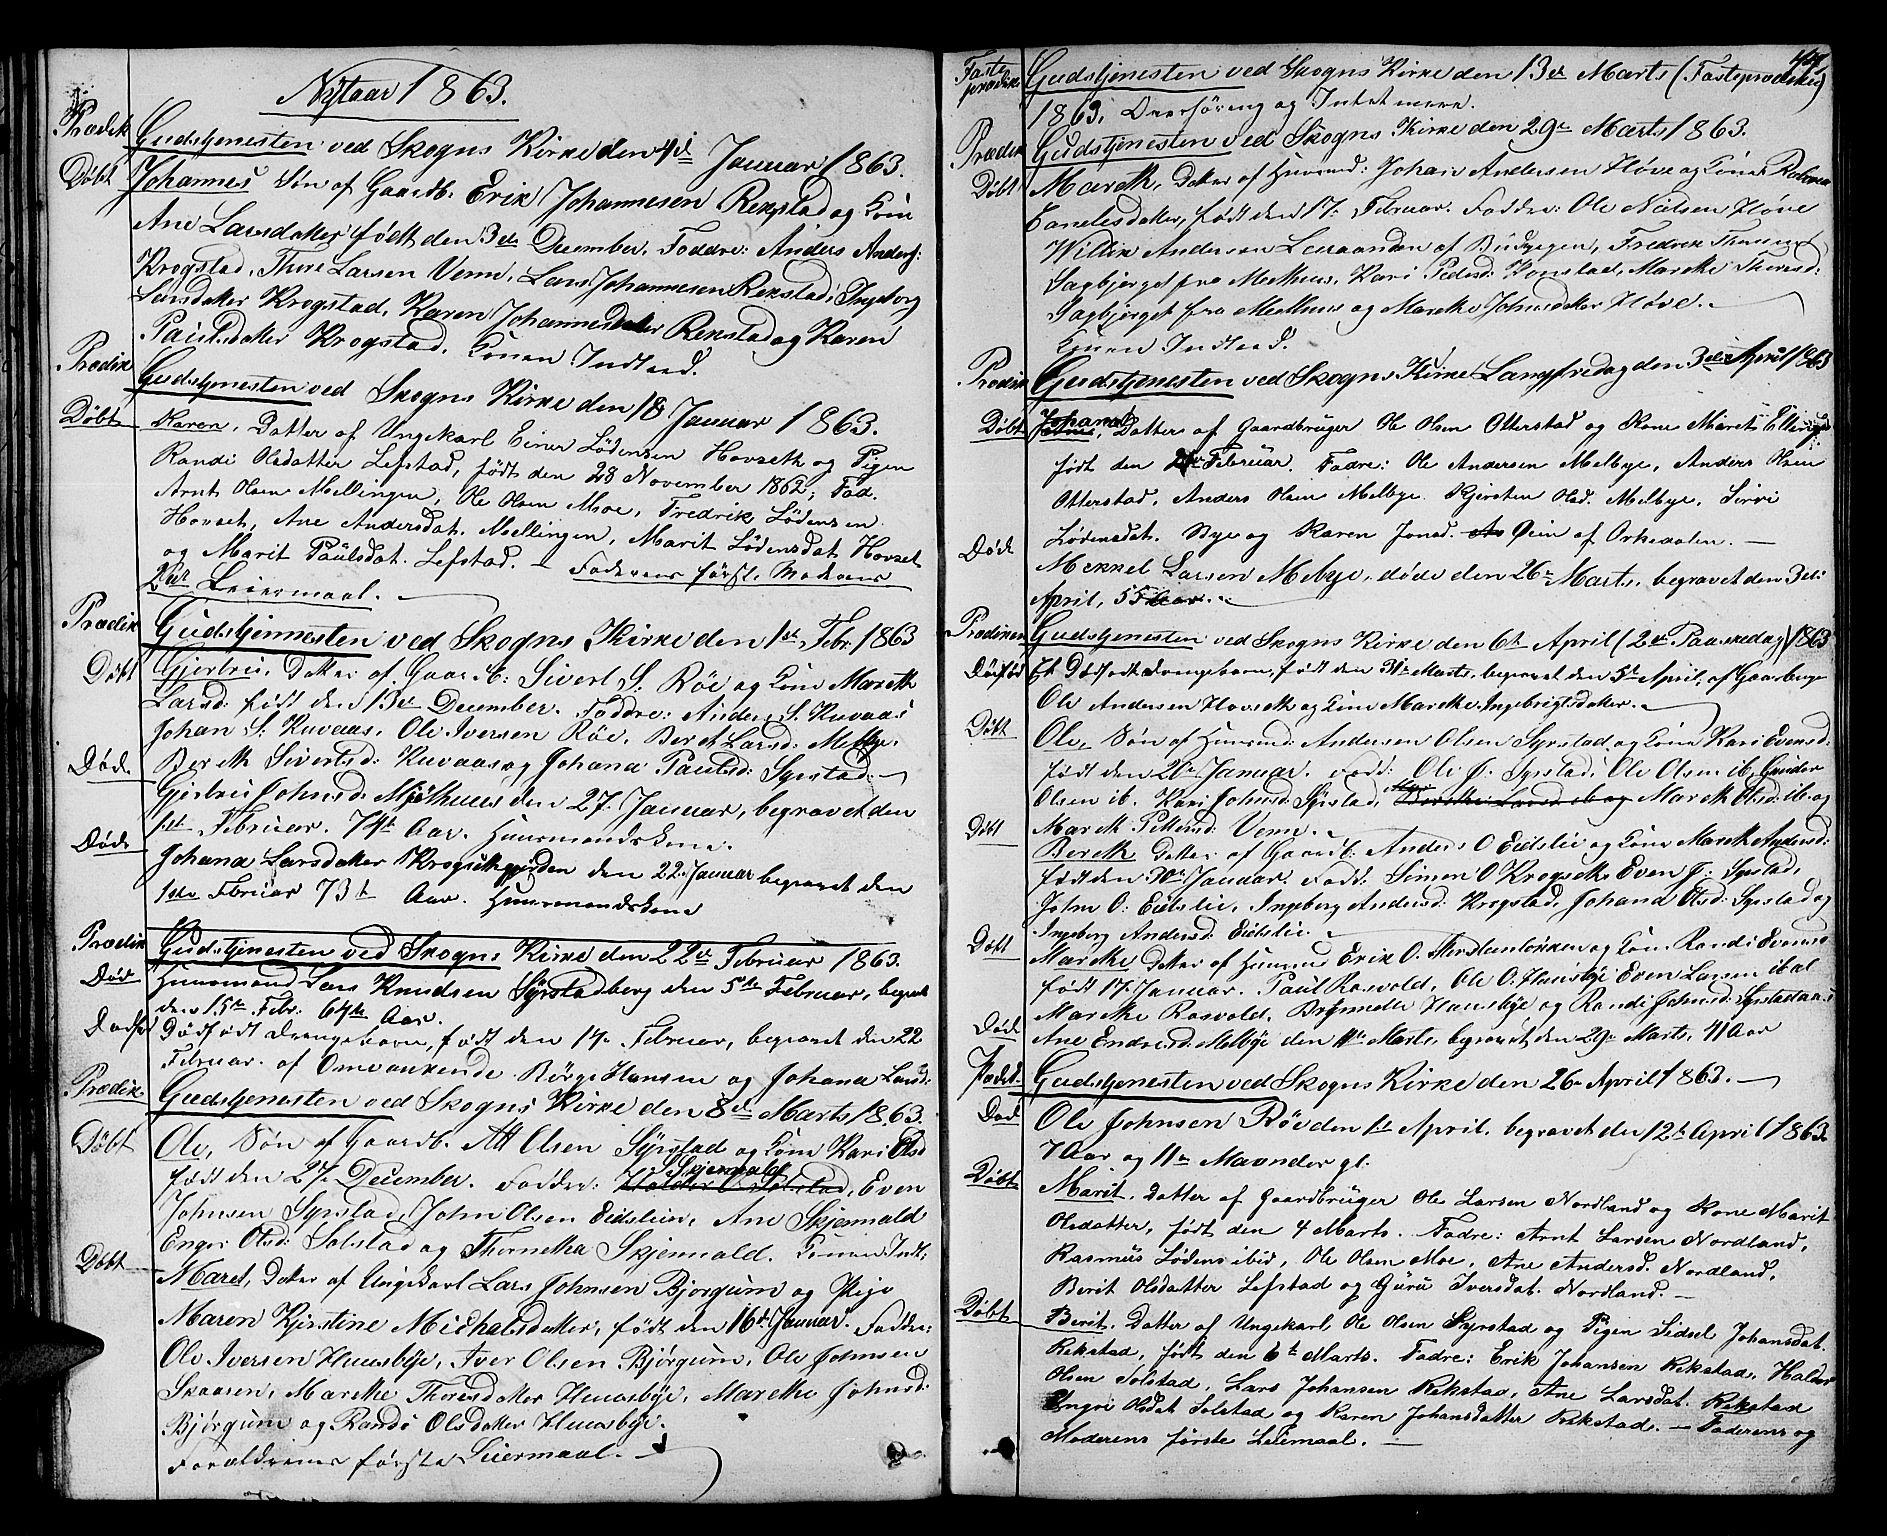 SAT, Ministerialprotokoller, klokkerbøker og fødselsregistre - Sør-Trøndelag, 667/L0797: Klokkerbok nr. 667C02, 1849-1867, s. 44